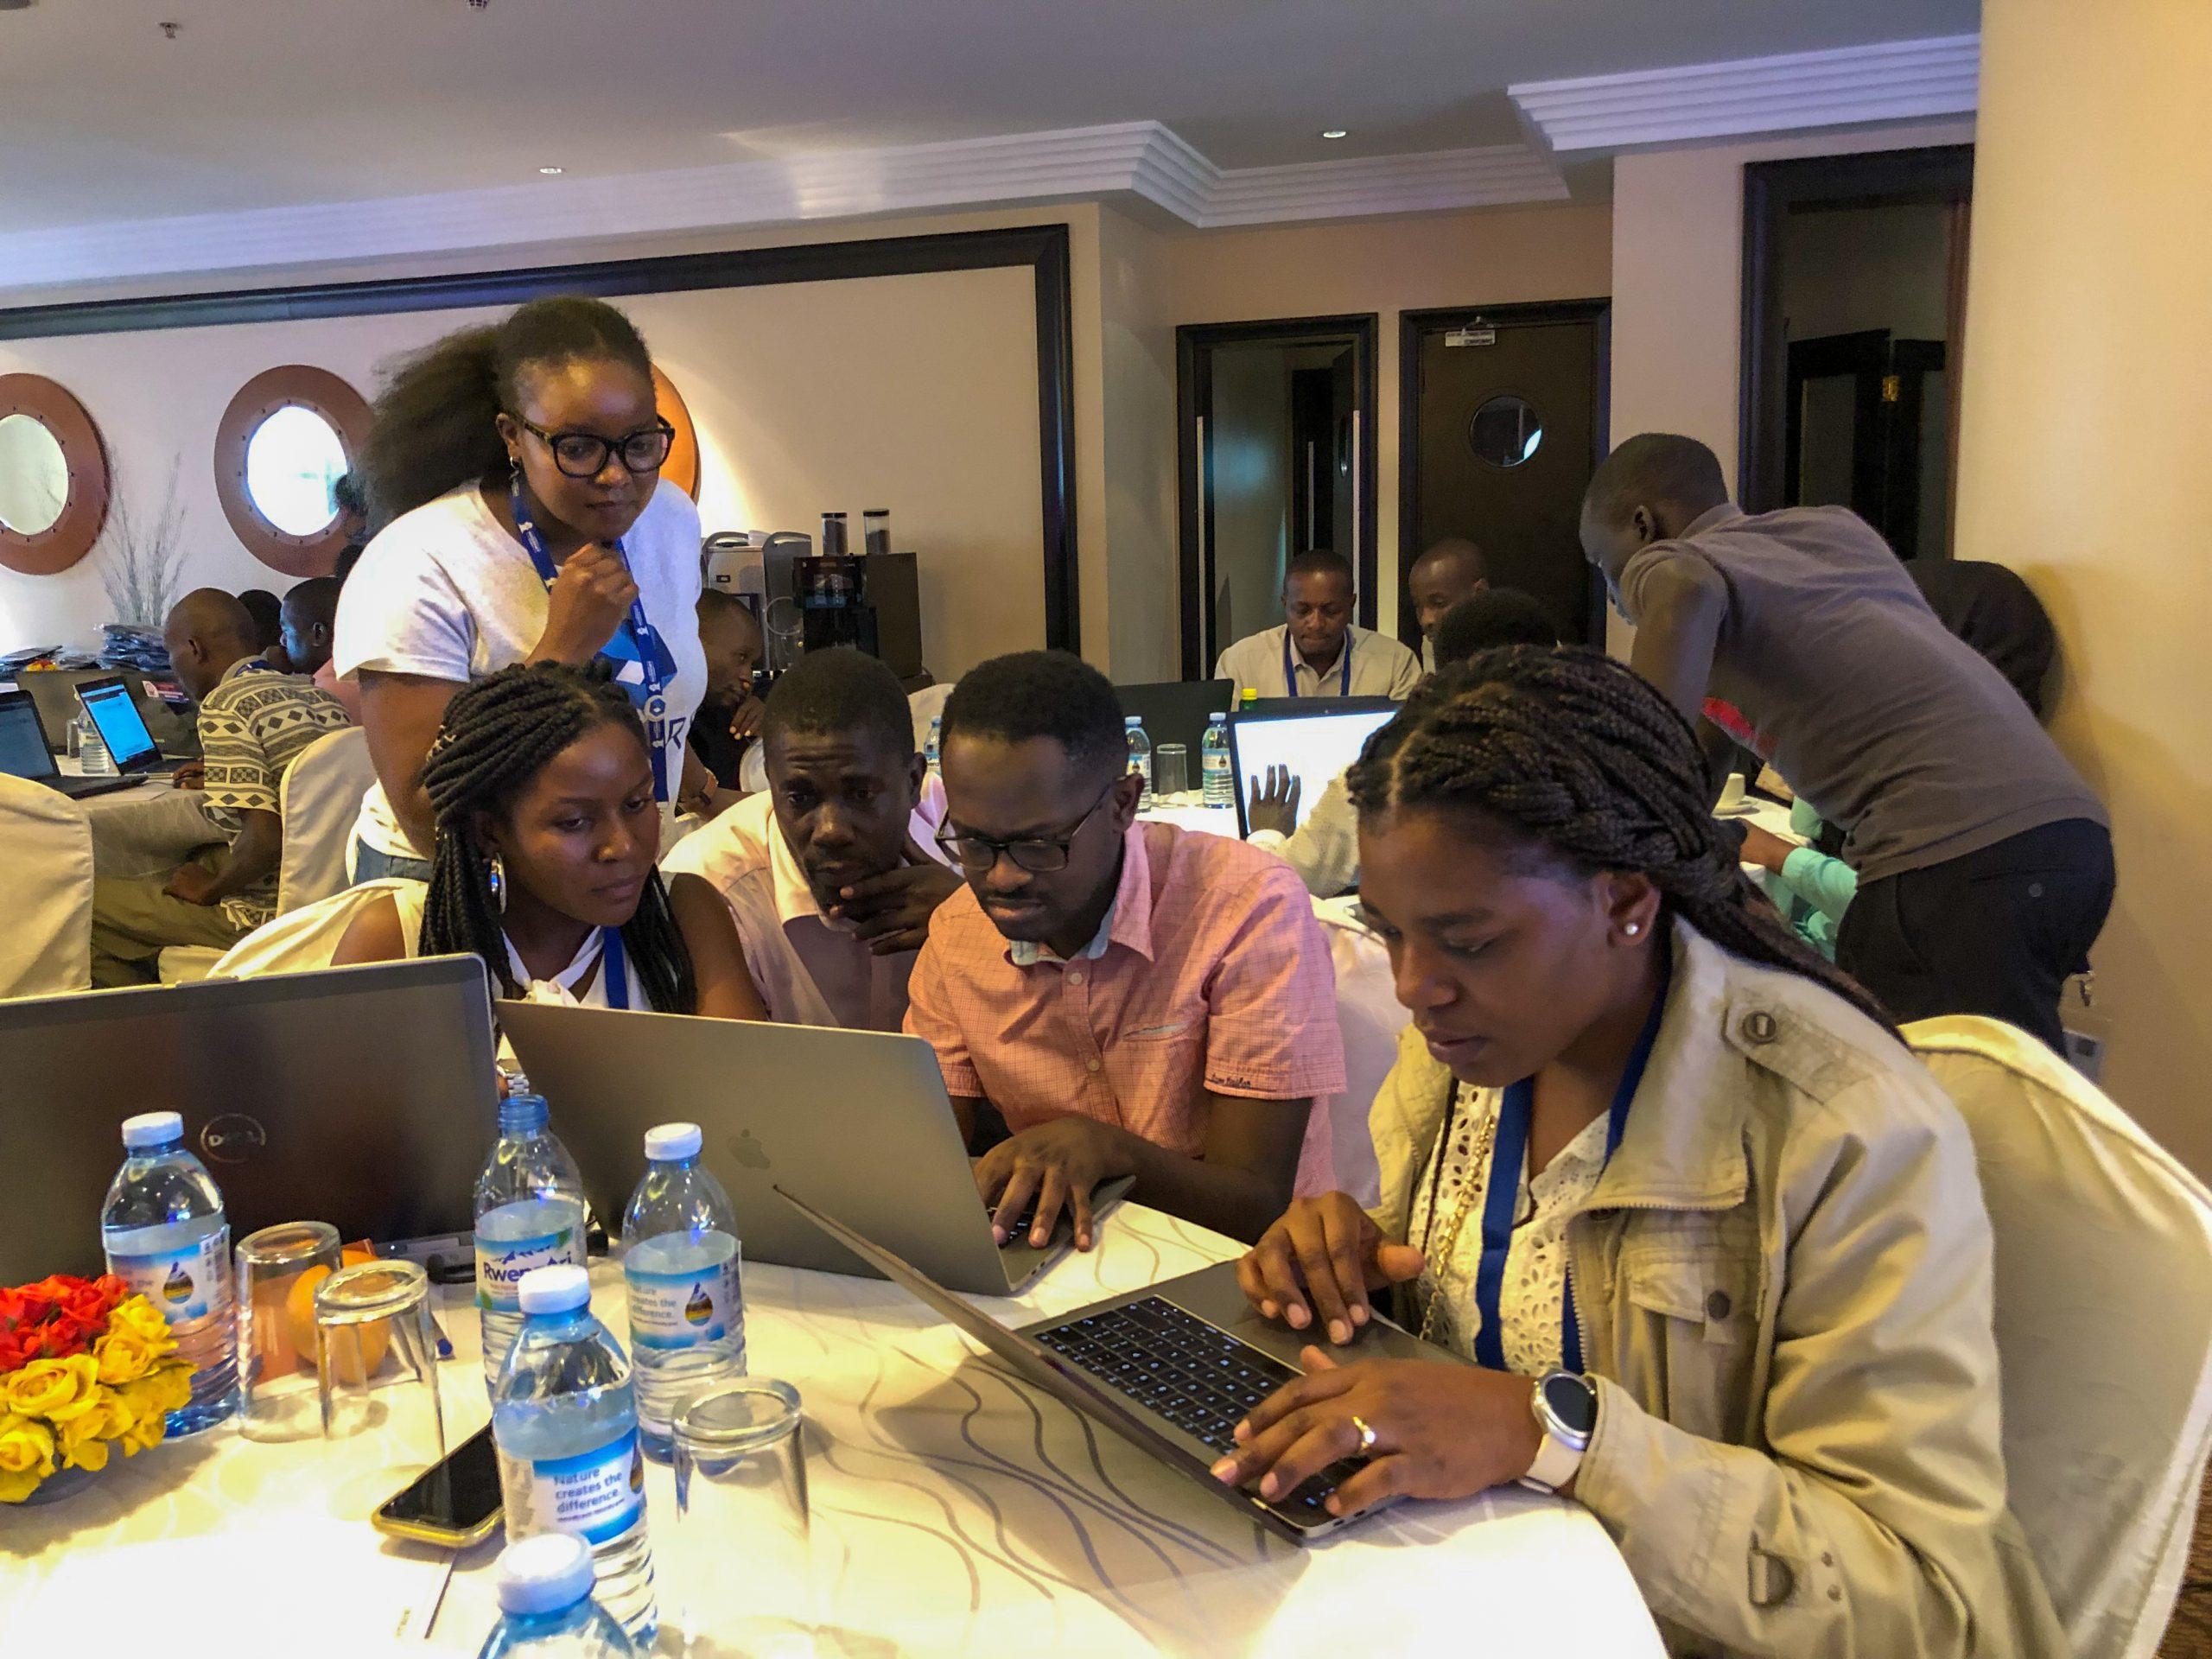 AIS 2019 Uganda Hackathon in Progress